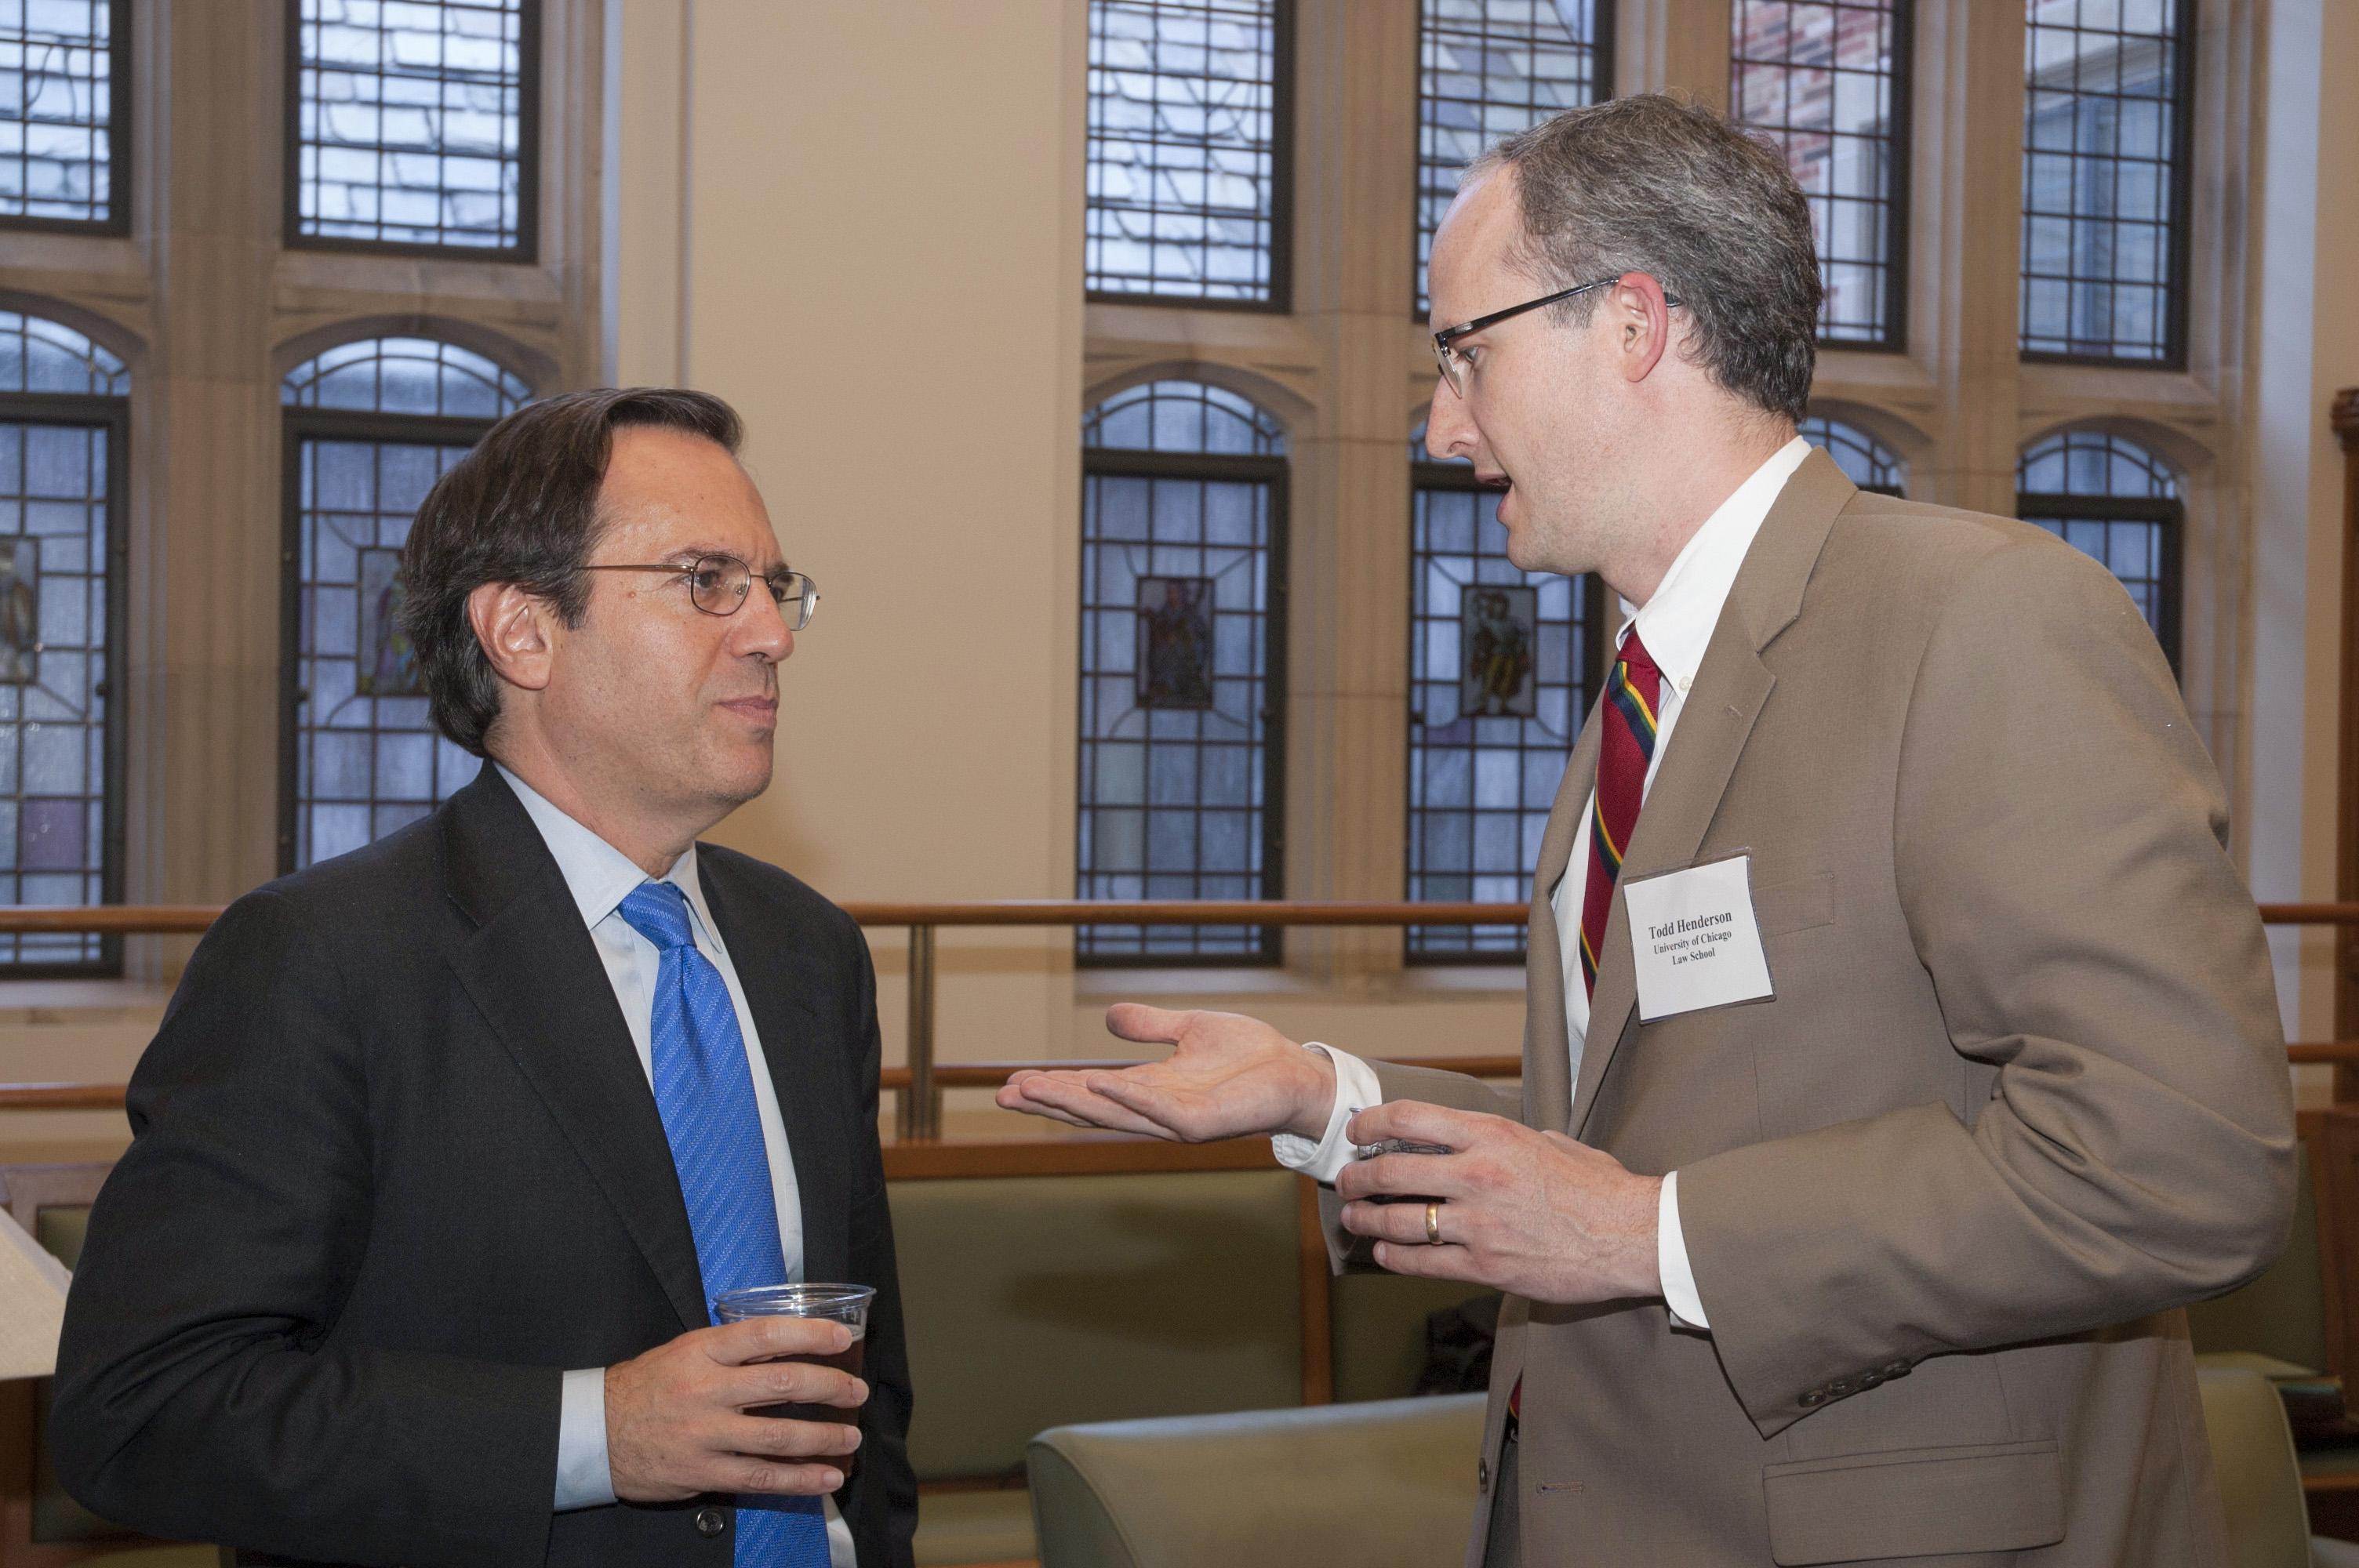 Gerson Zweifach '79 and Chicago Law Prof. Todd Henderson